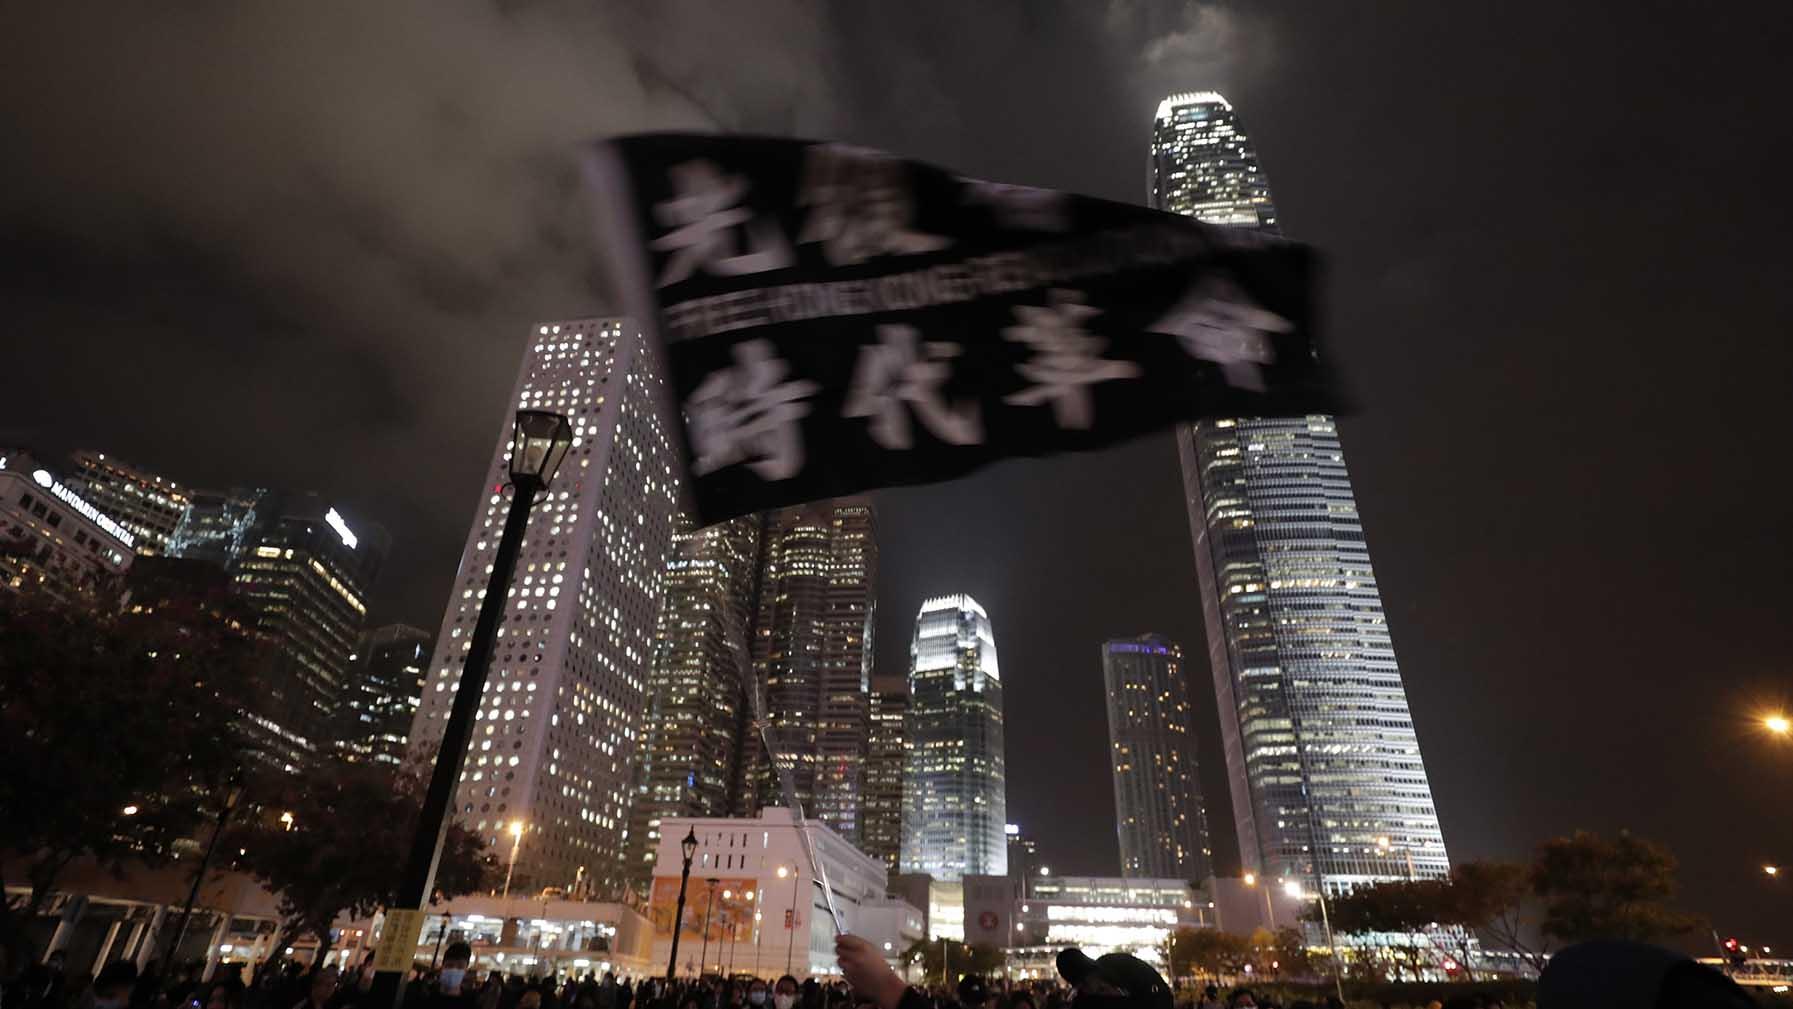 2019年12月23日,香港抗议者的现场情况。(美联社)